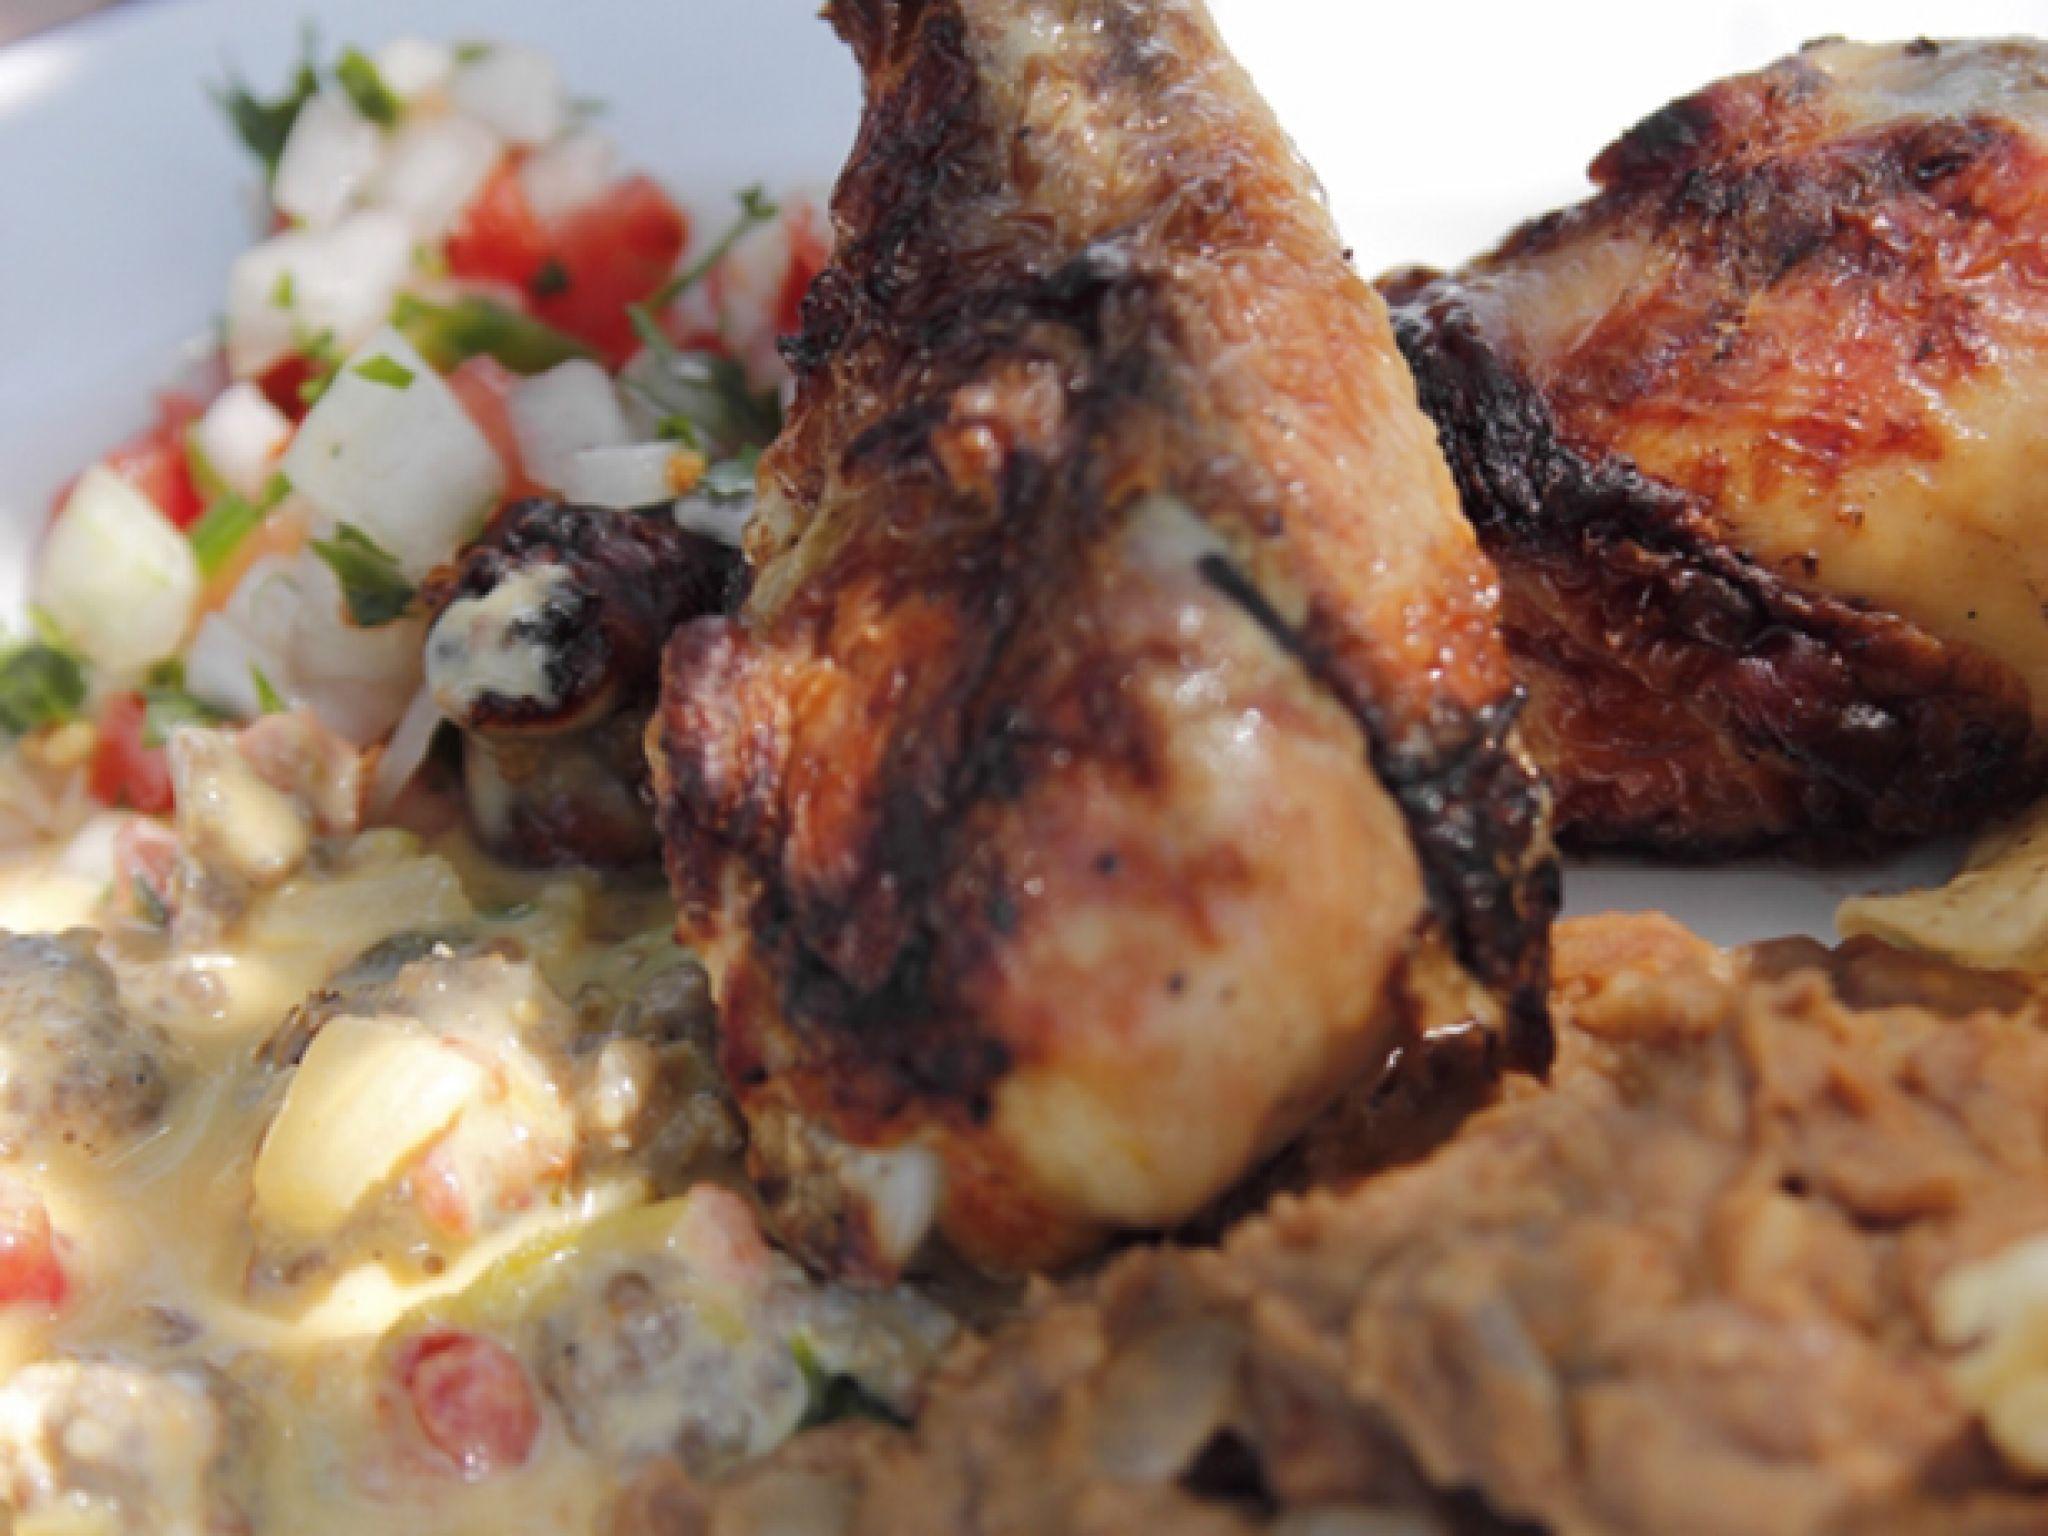 Pollo asado recipe recipes food and pioneer woman forumfinder Image collections